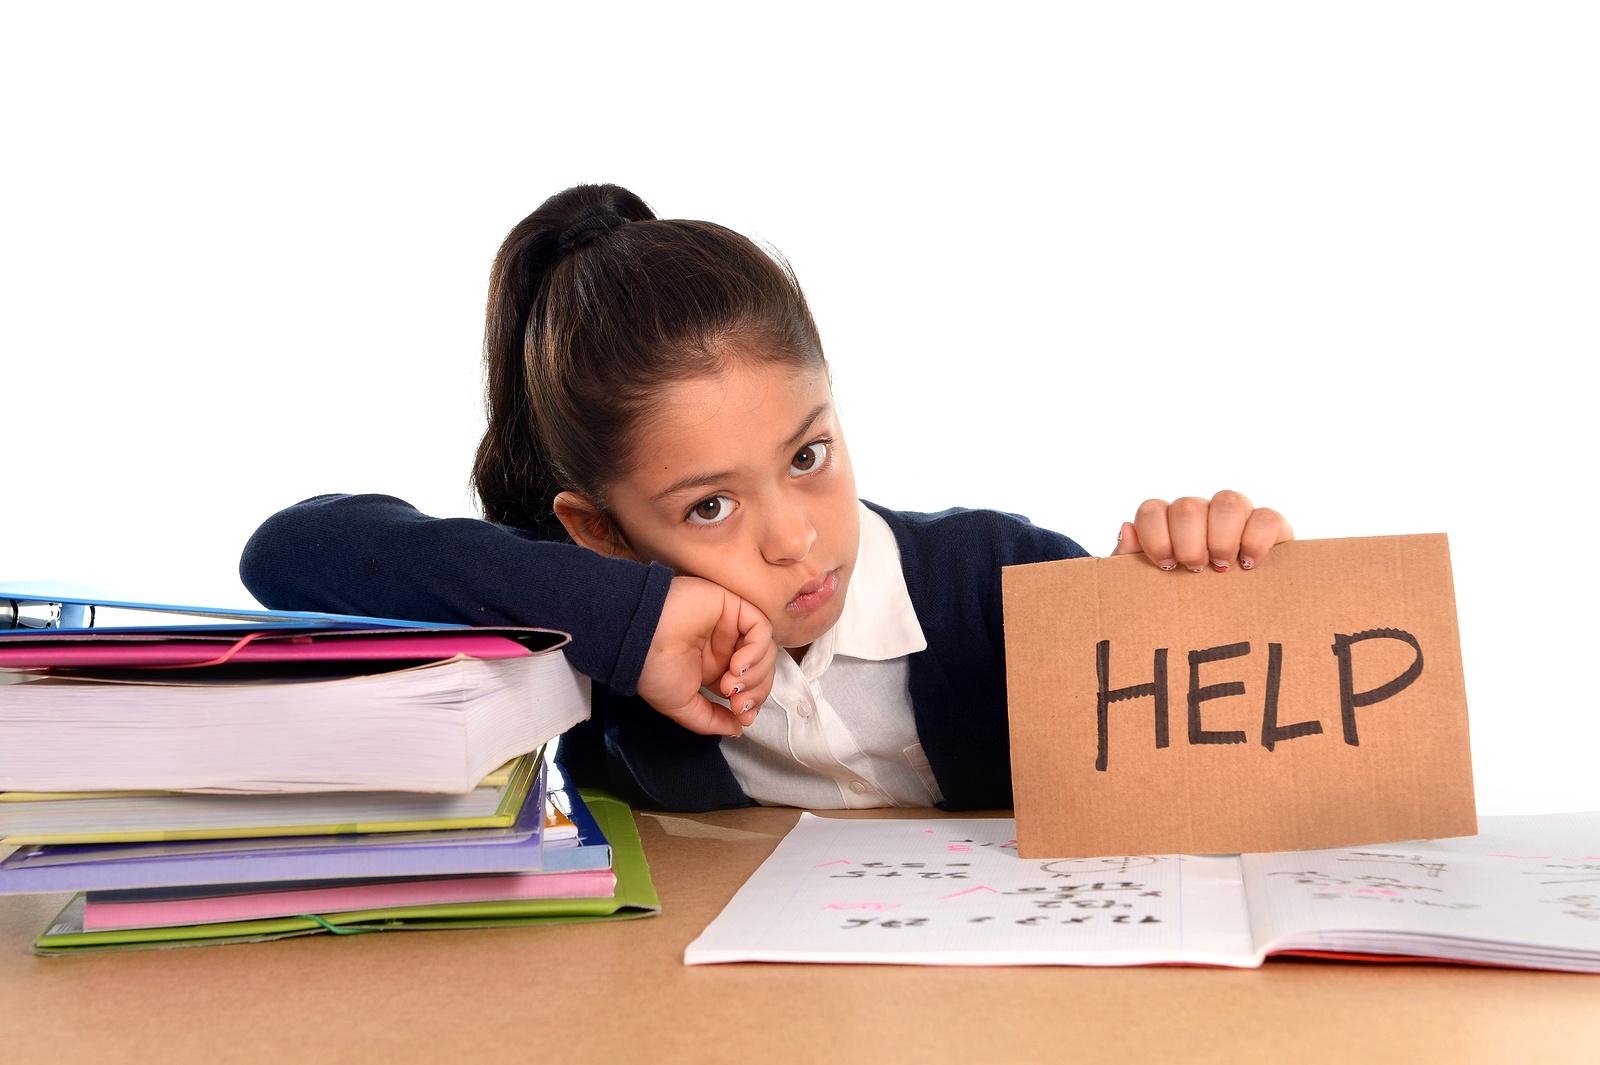 bigstock-Sweet-Little-Girl-Bored-Under--71446072.jpg